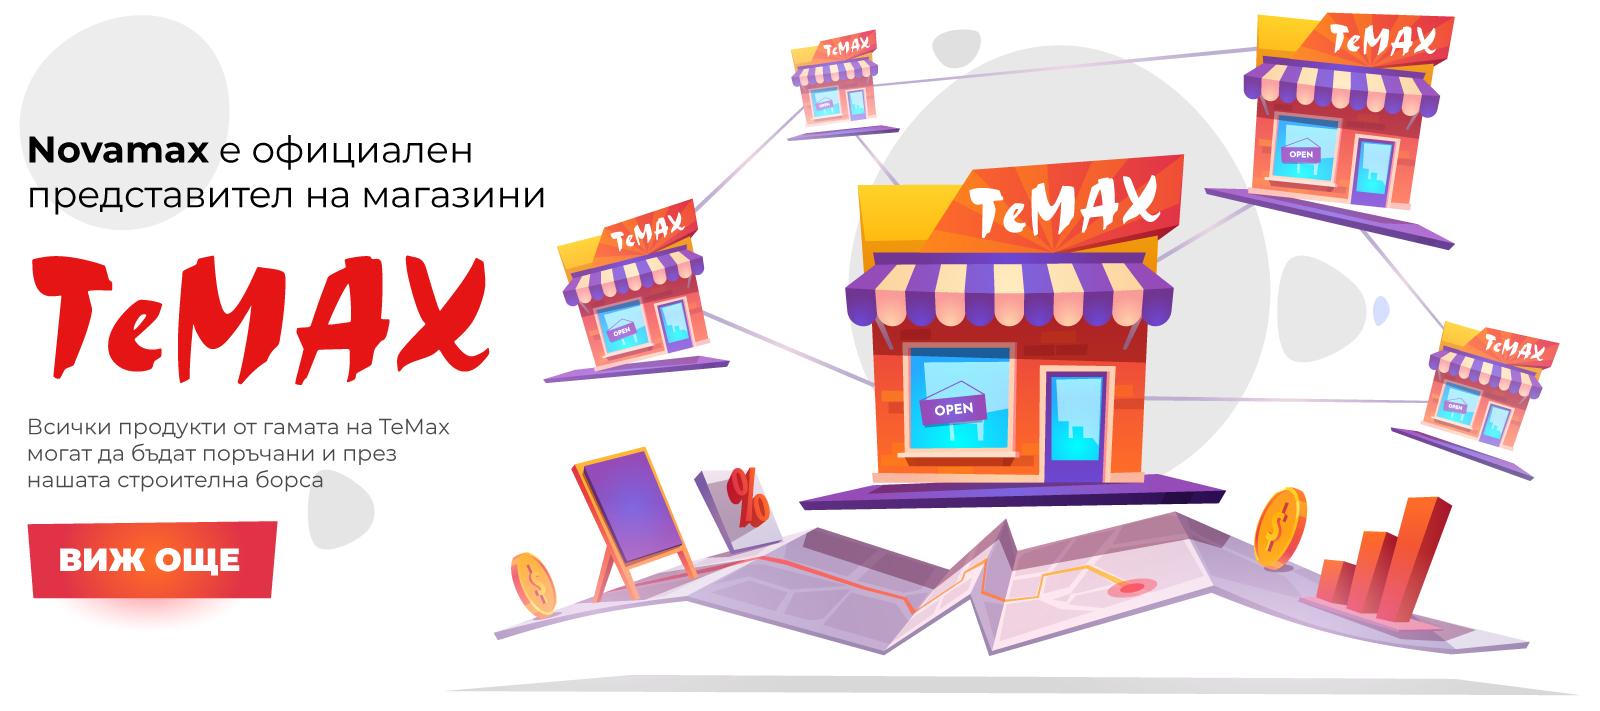 novamax-and-temaxL